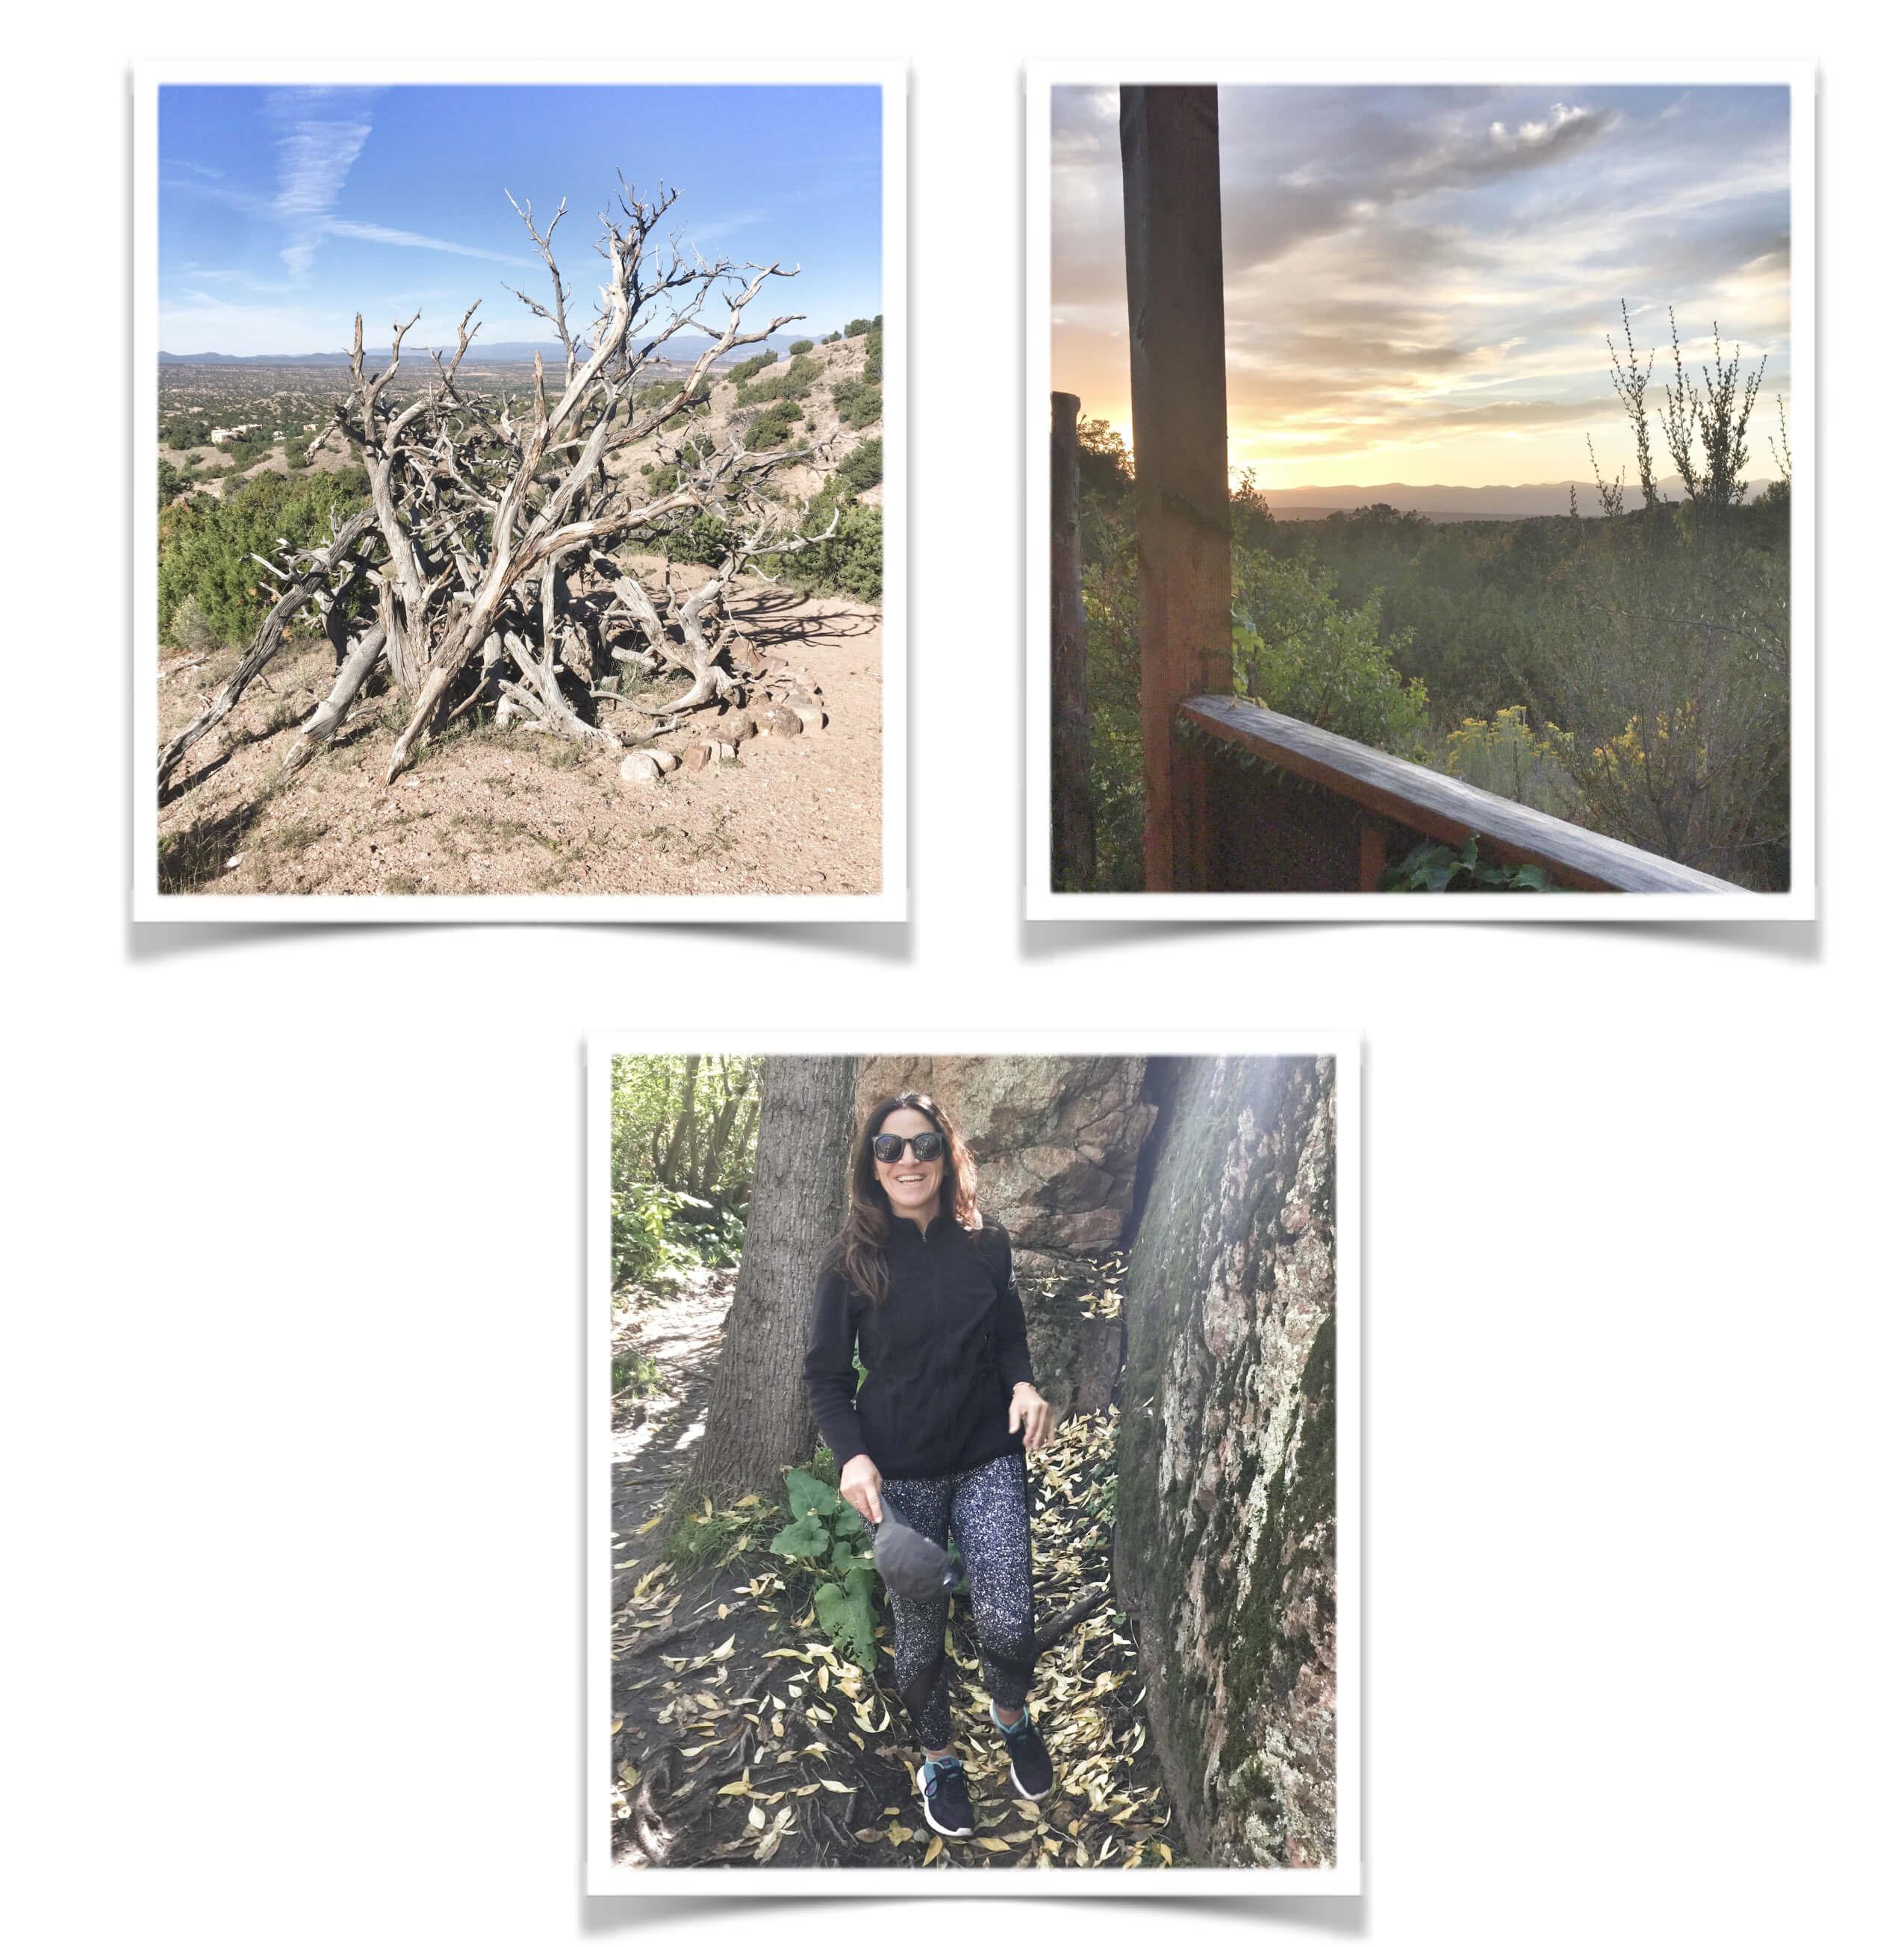 Santa Fe photos